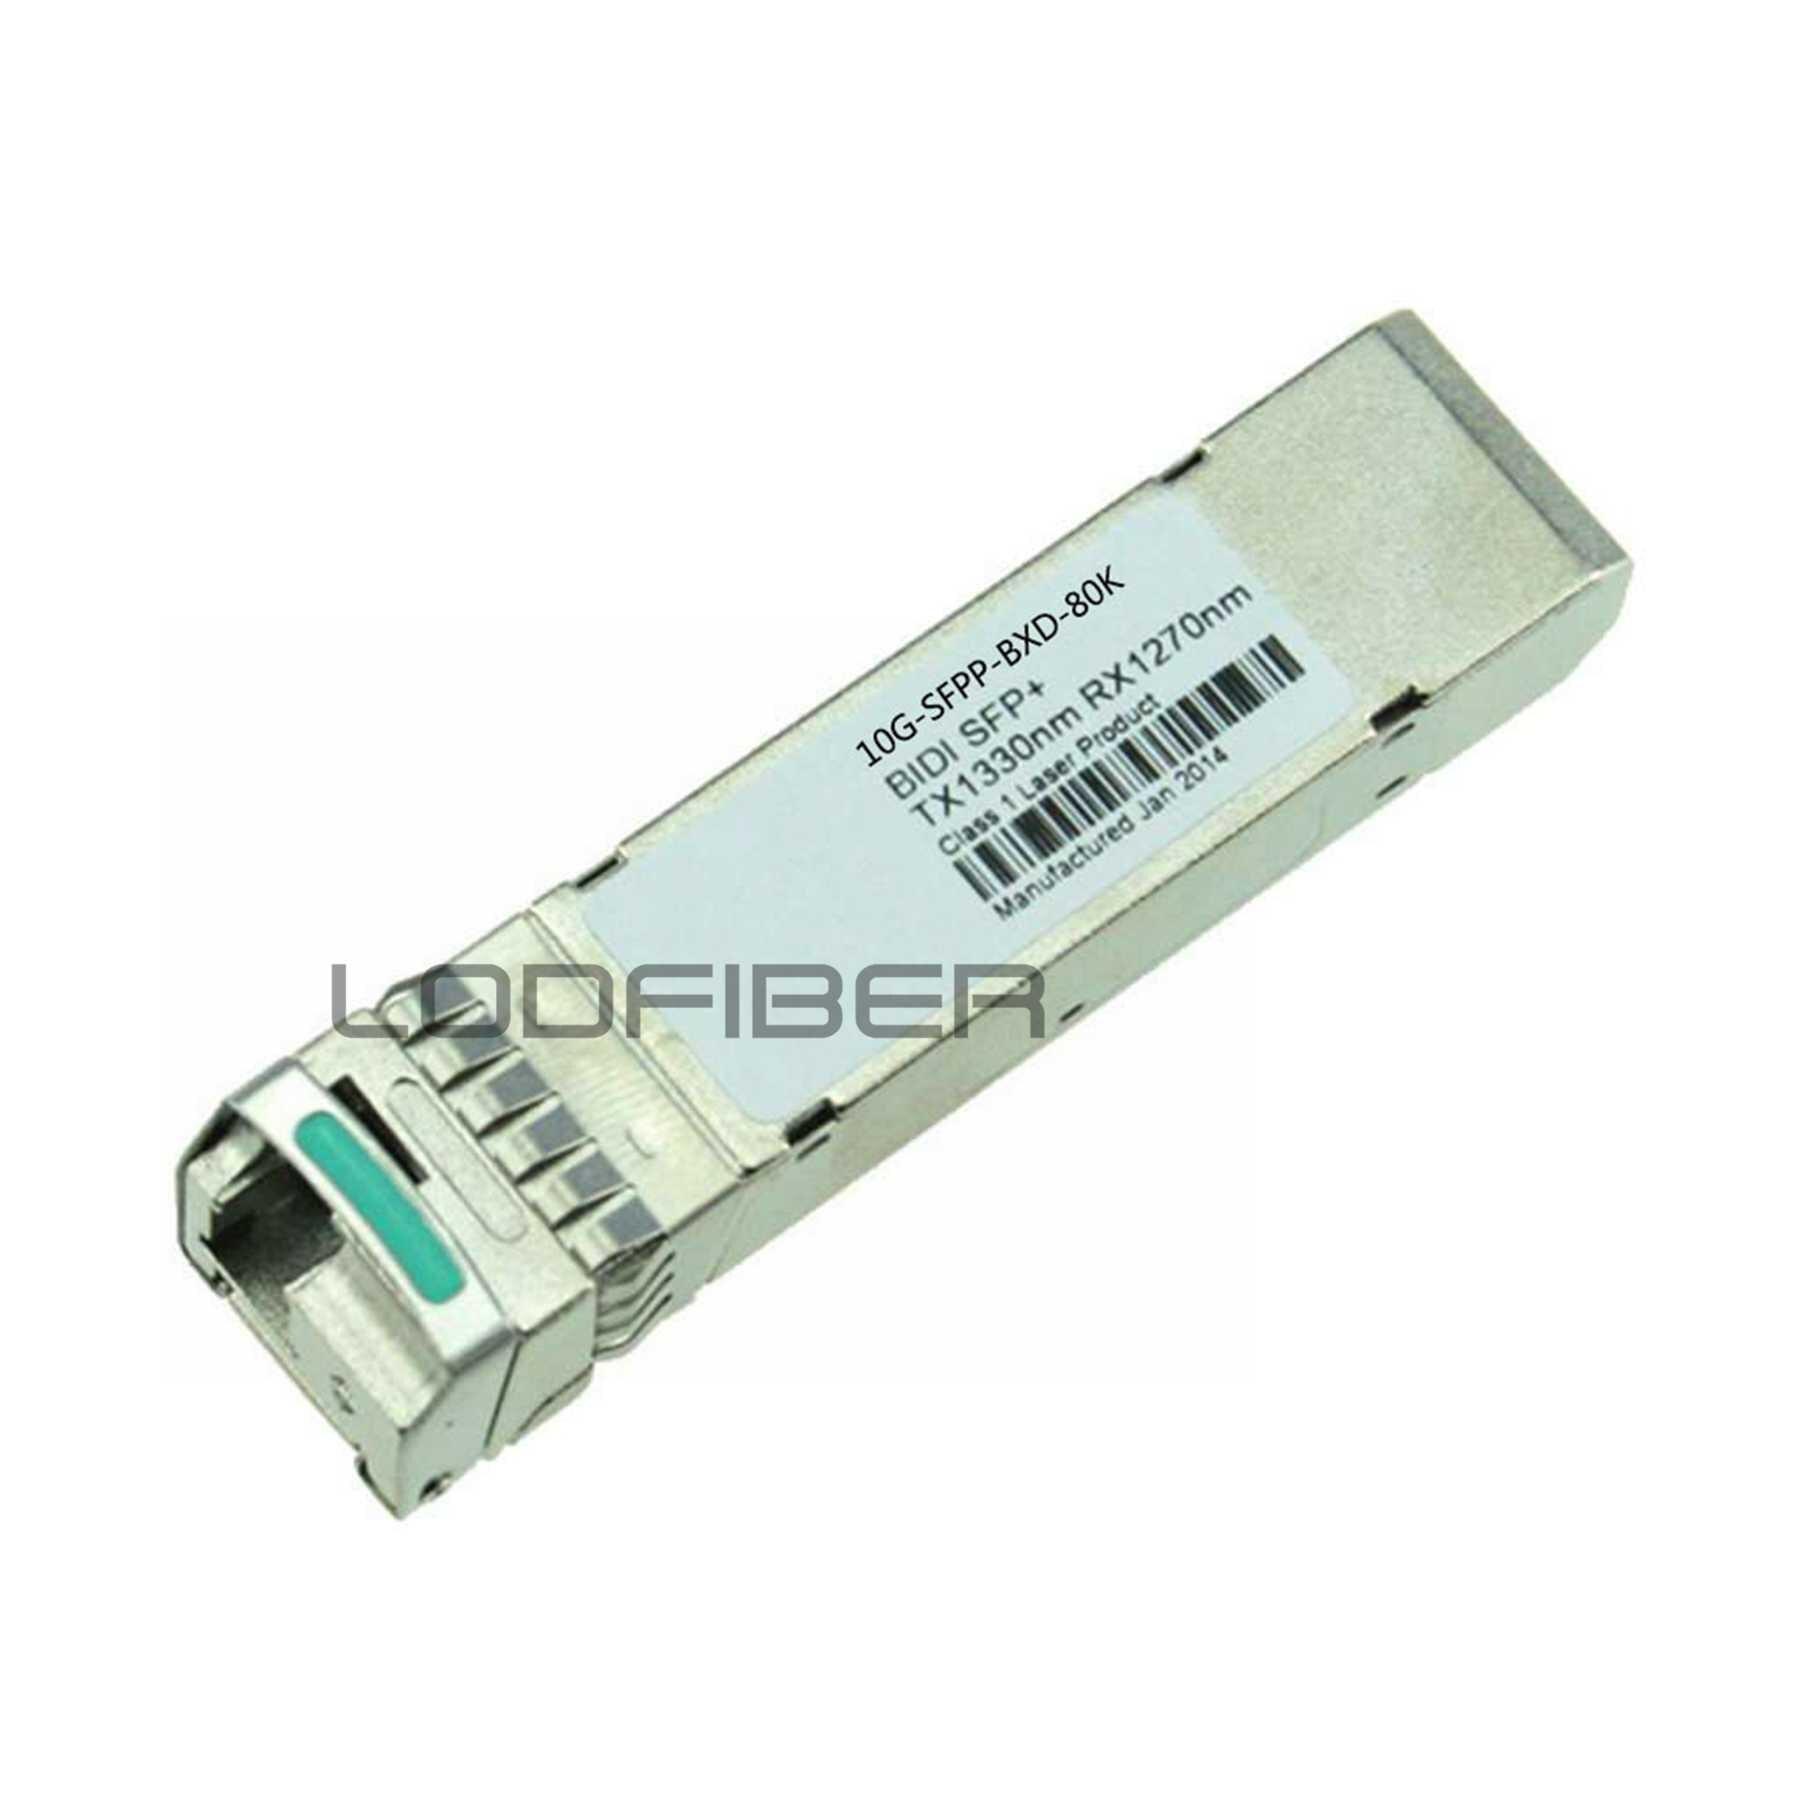 CISCO Compatible SFP-10G-BX80-U//SFP-10G-BX80-D Pair of SFP 10G 80km Transceiver